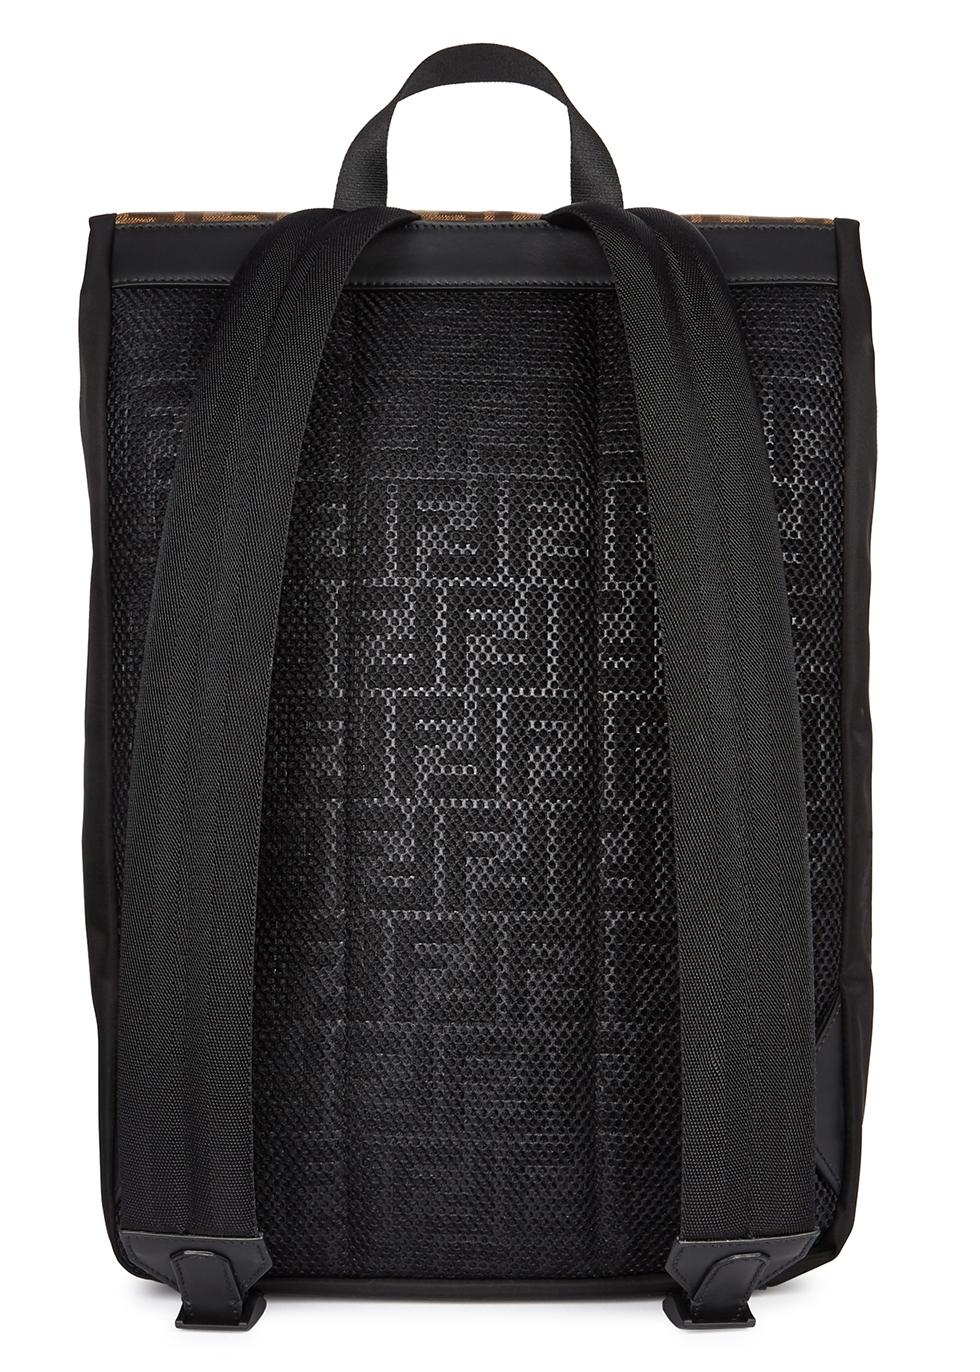 8f66c337a6f6 Fendi FF monogrammed nylon backpack - Harvey Nichols